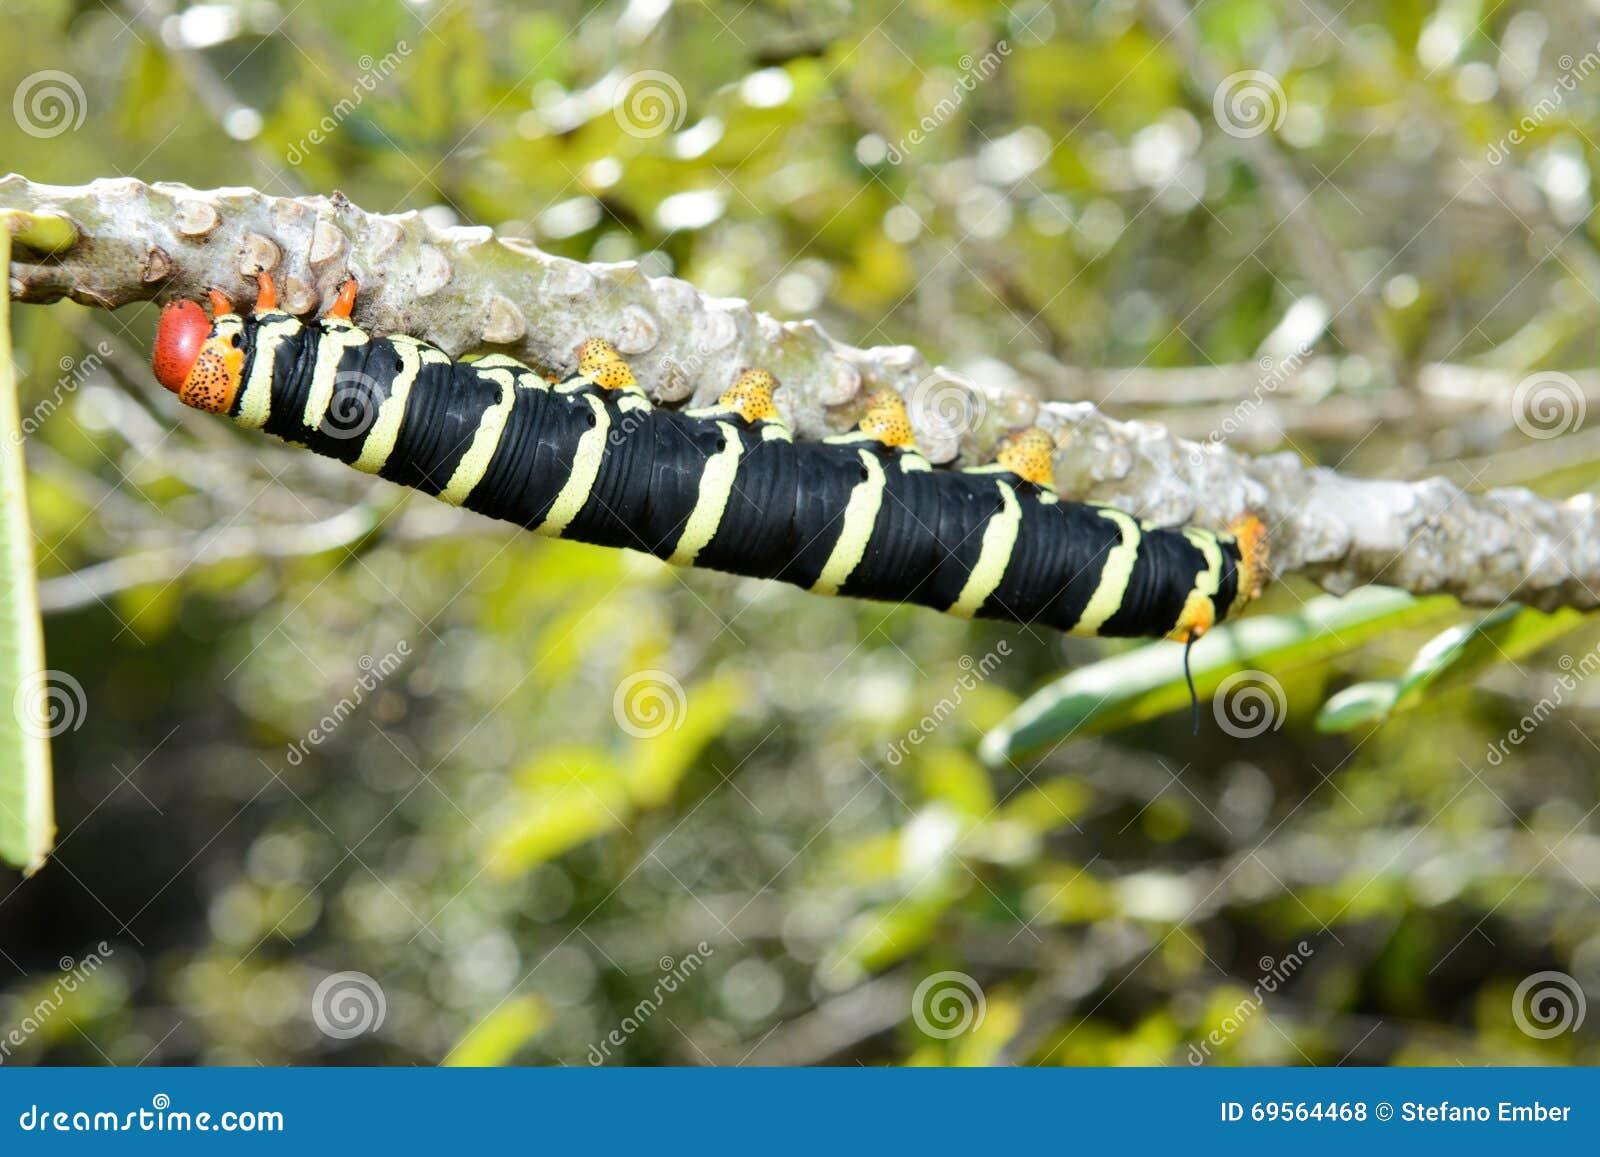 Tracteur chenilles jaune et noir photo stock image 69564468 - Chenille verte et noire ...